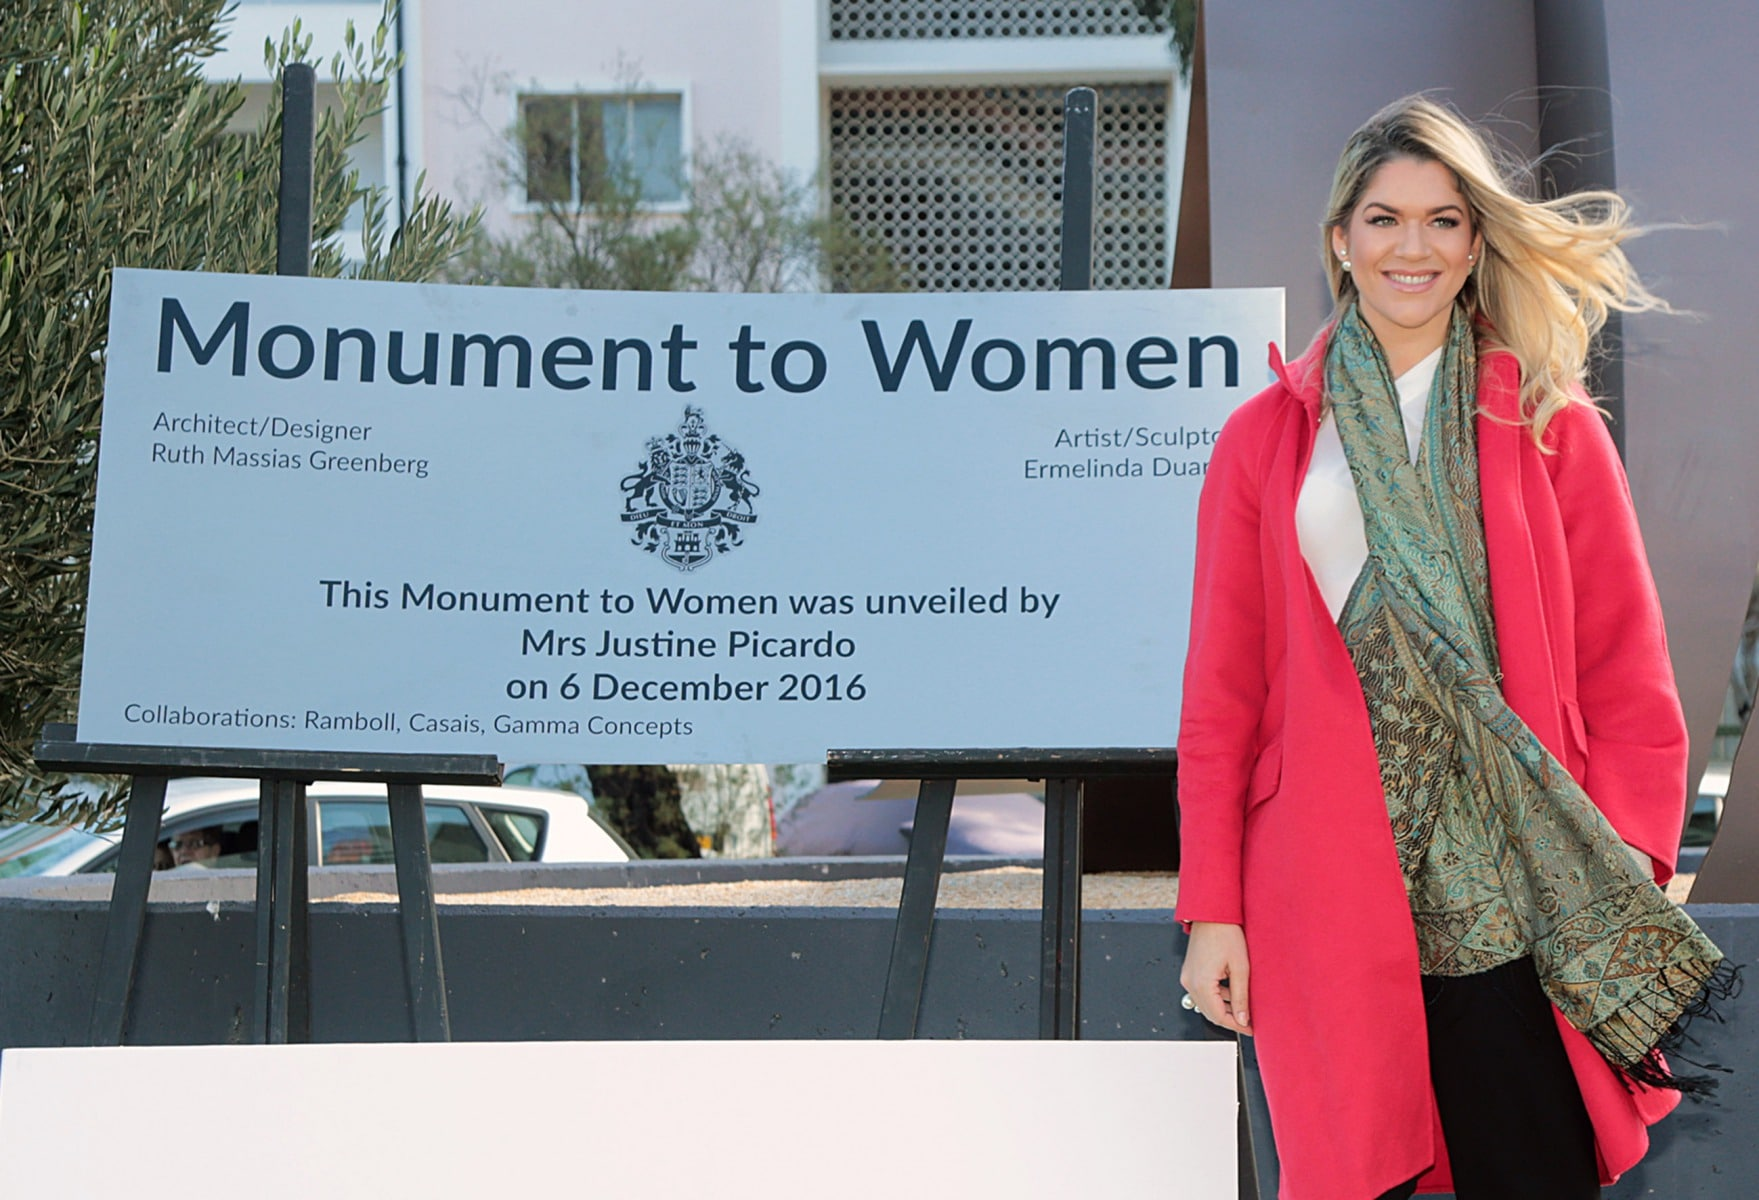 inauguracin-del-monumento-a-la-mujer-en-gibraltar_31427335356_o